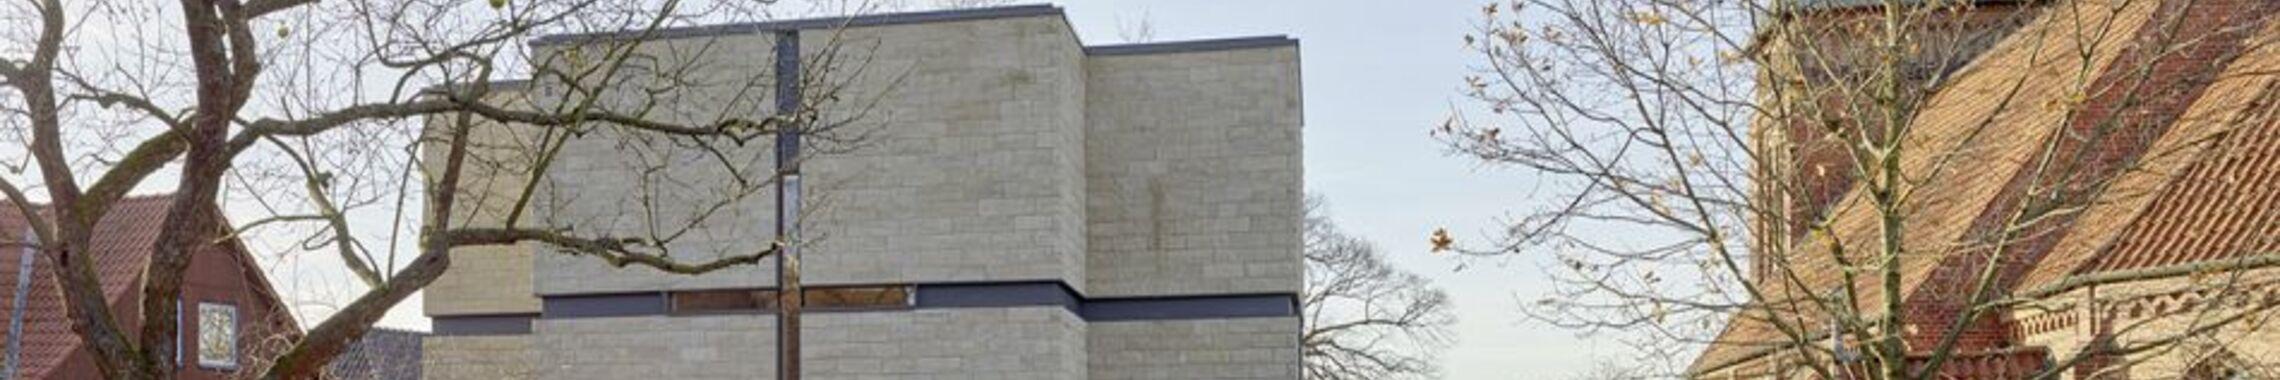 pax brüning architekten bda. Foto Ausschnitt (C) Klemens Ortmeyer